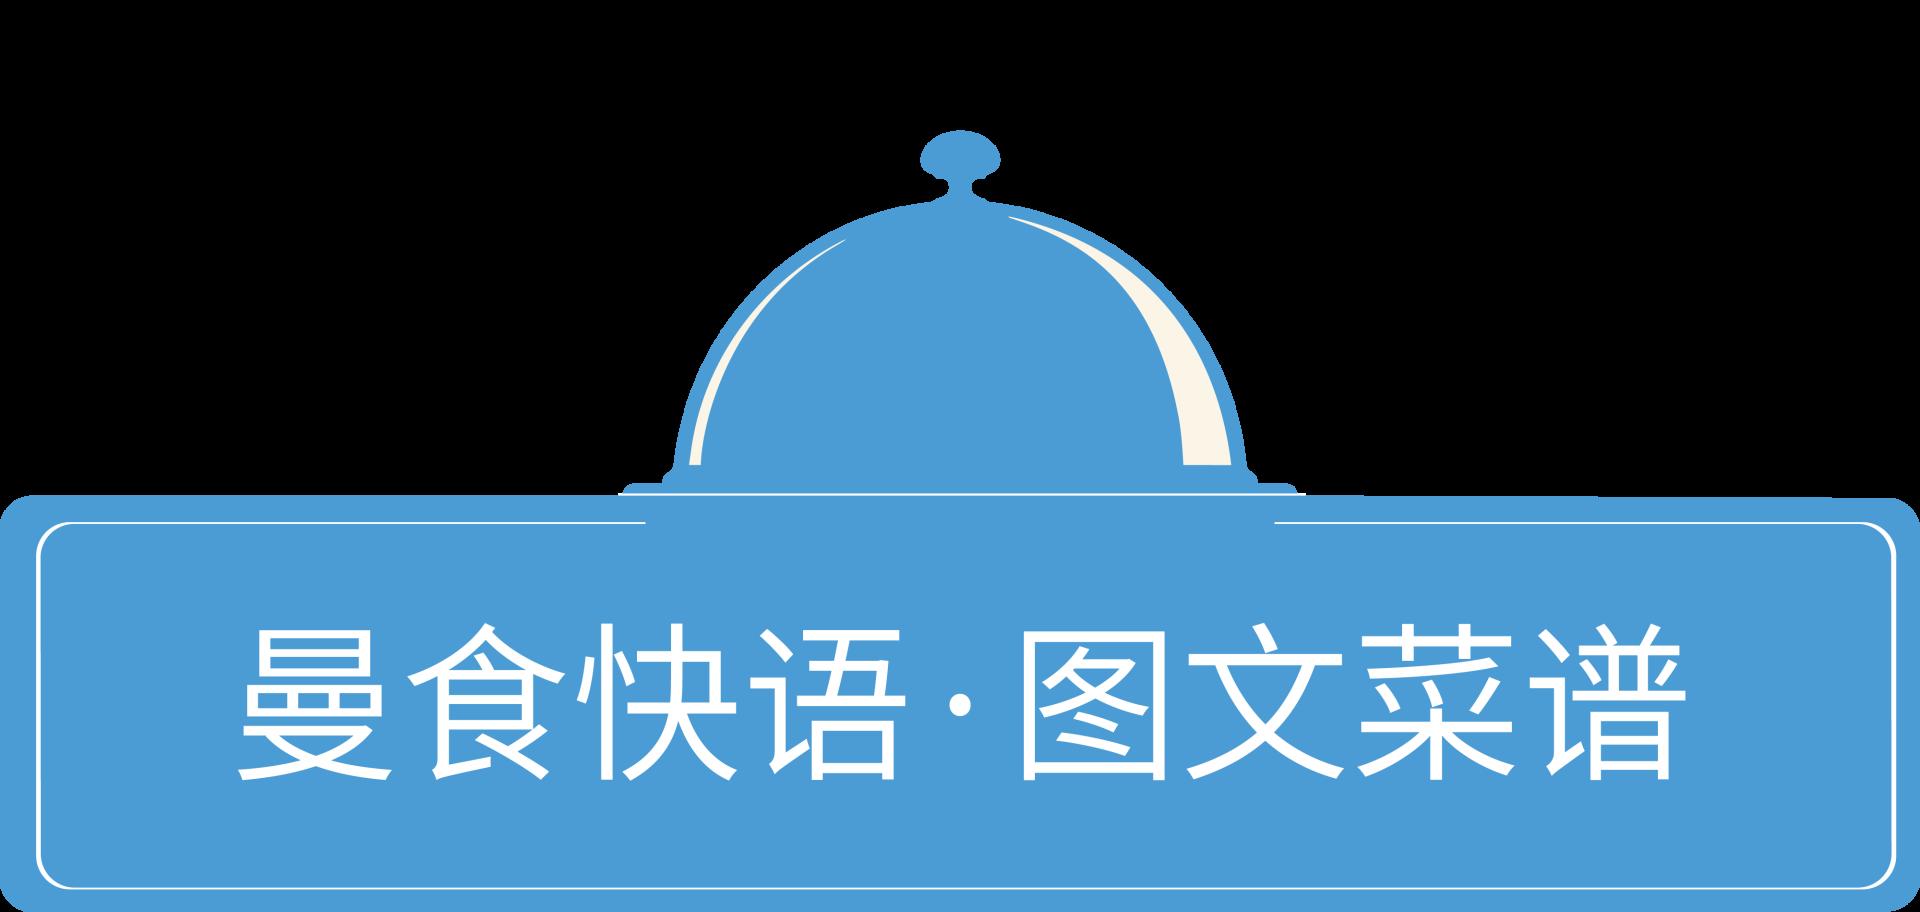 曼食快语_图文菜谱_图标-01